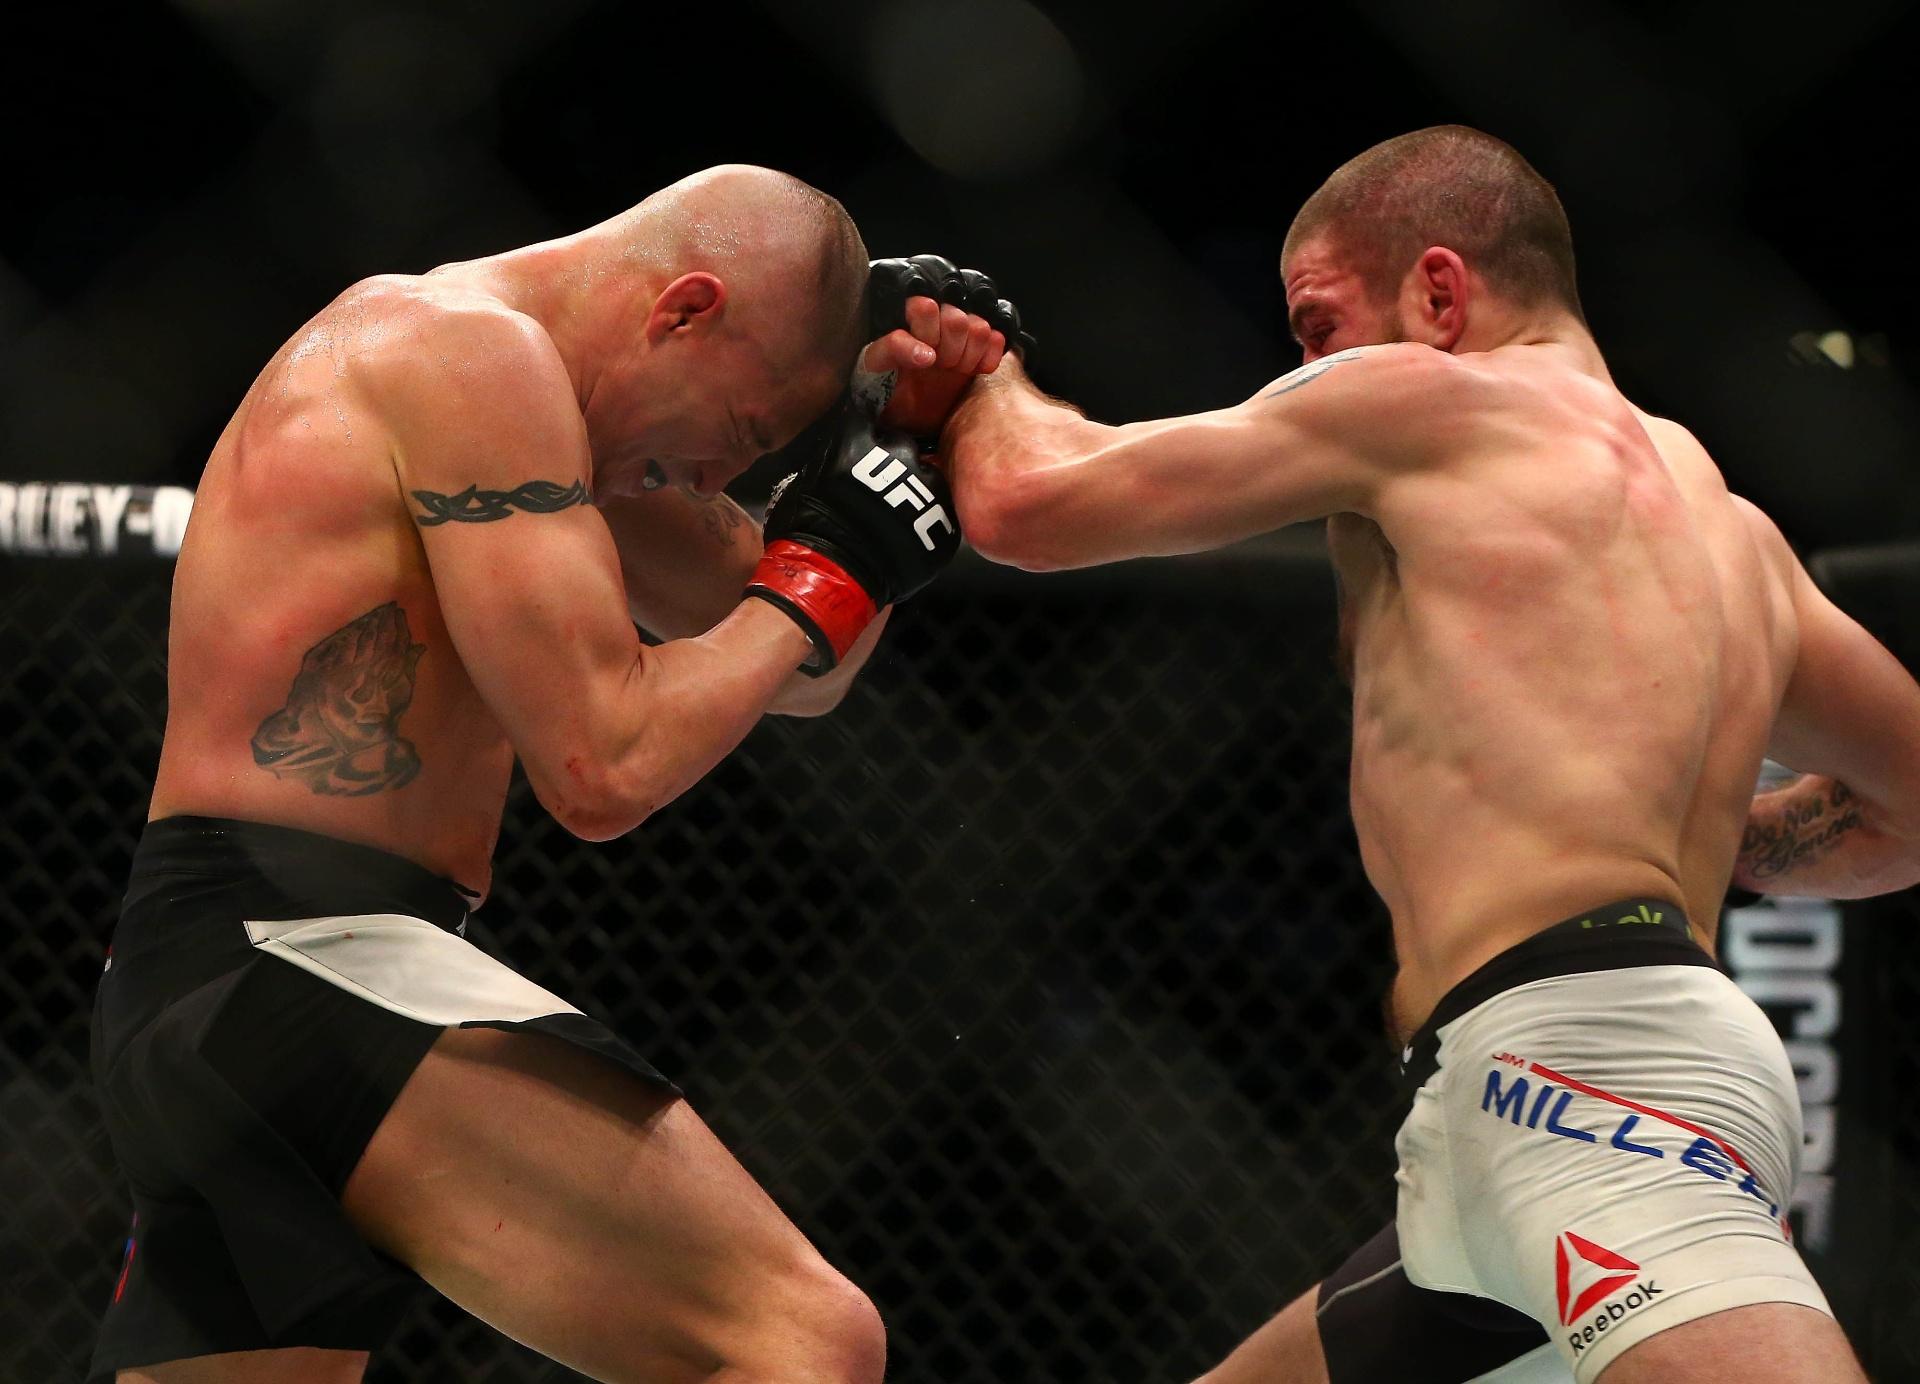 Diego Sanchez se defende de golpe desferido por Jim Miller no UFC 196